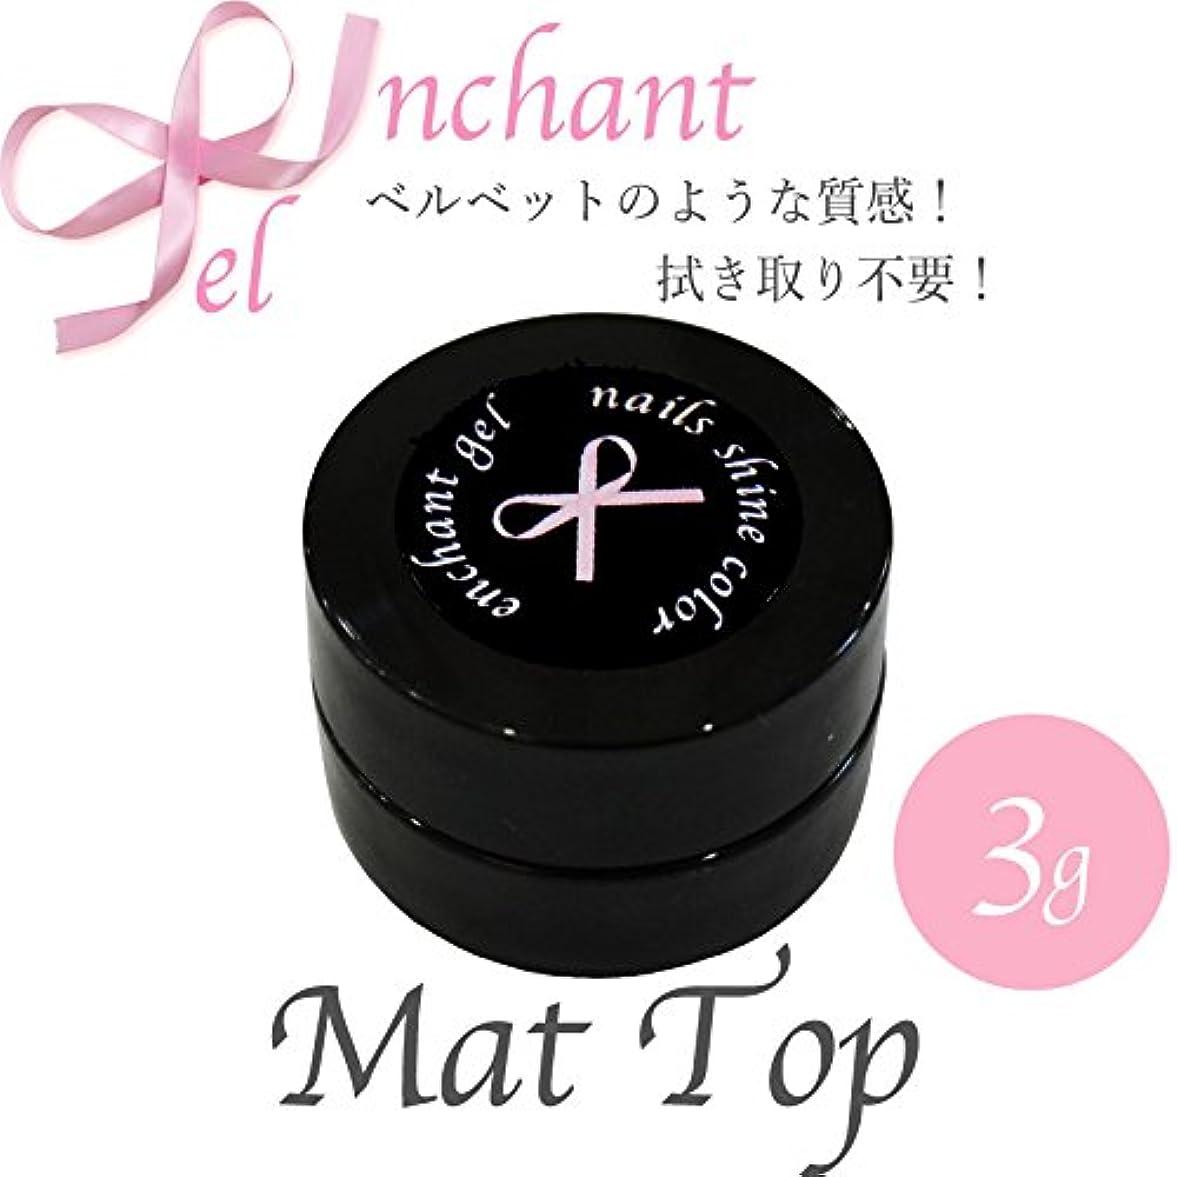 バナートランスペアレントプレフィックスenchant gel mat top coat gel 3g/エンチャントジェル マットトップコートジェル 3グラム